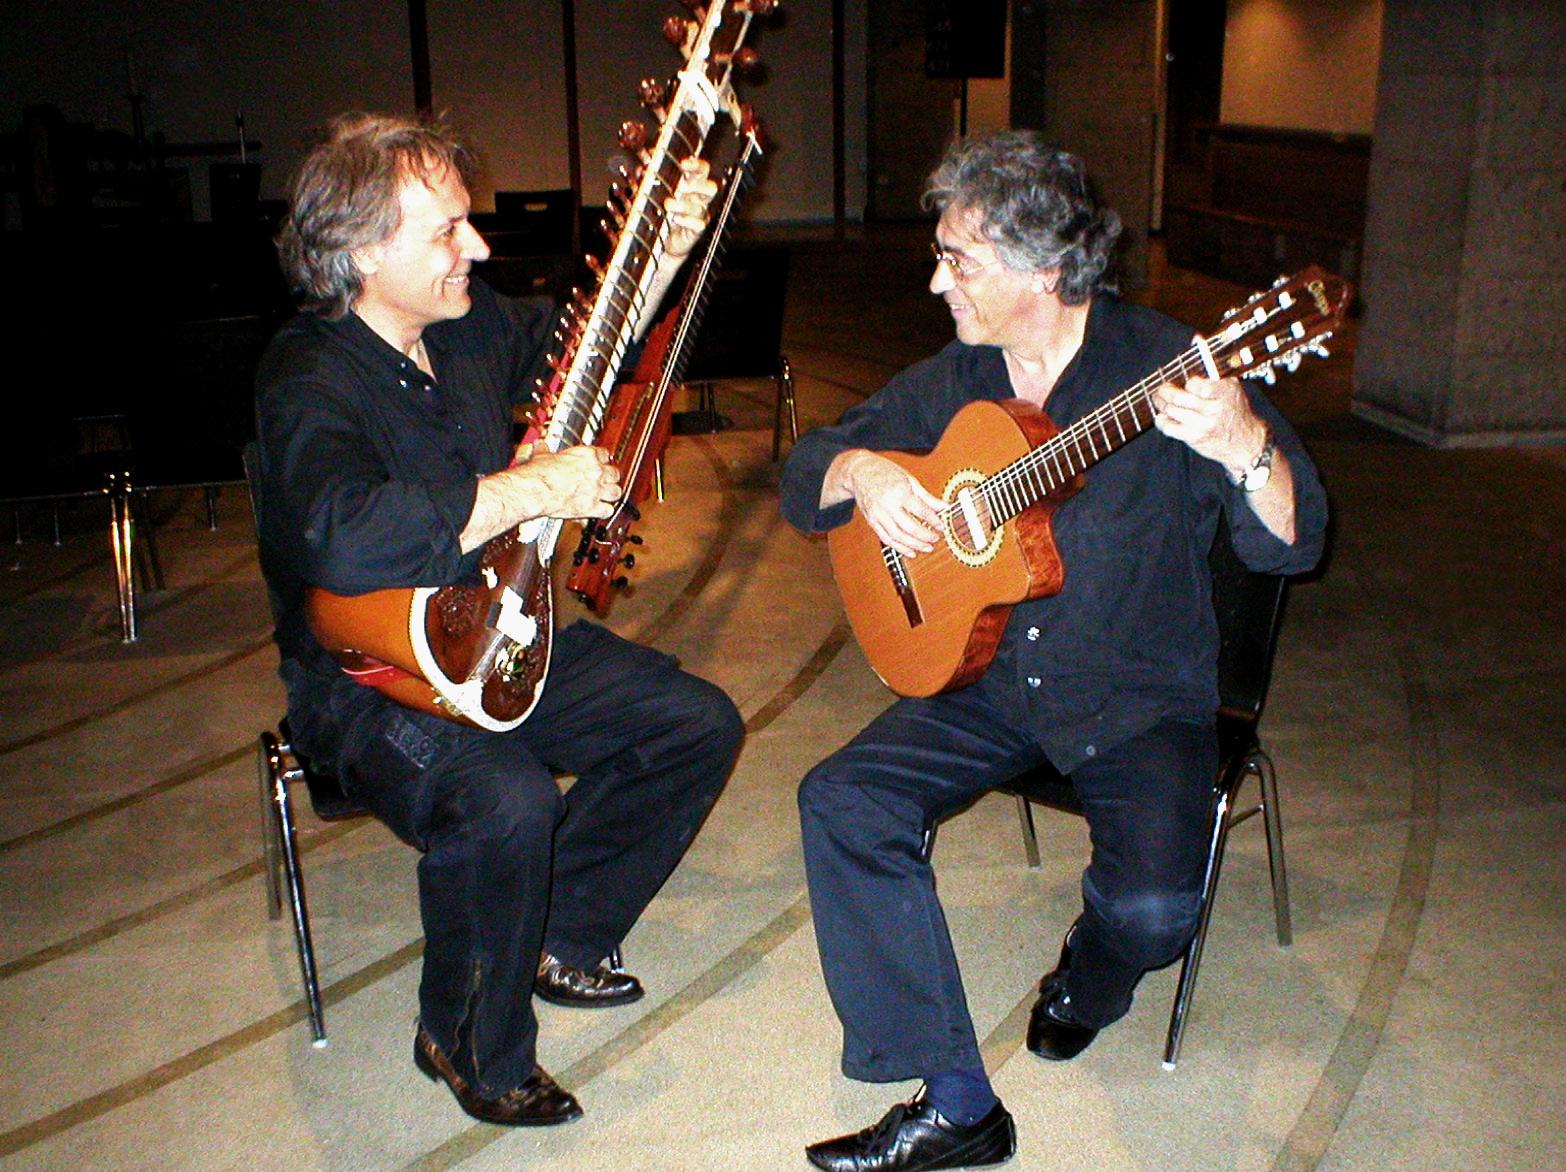 Wolfgang Gerhard und Udo Kamjunke haben zusammen das Projekt 'Sithar meets Flamenco' umgesetzt.